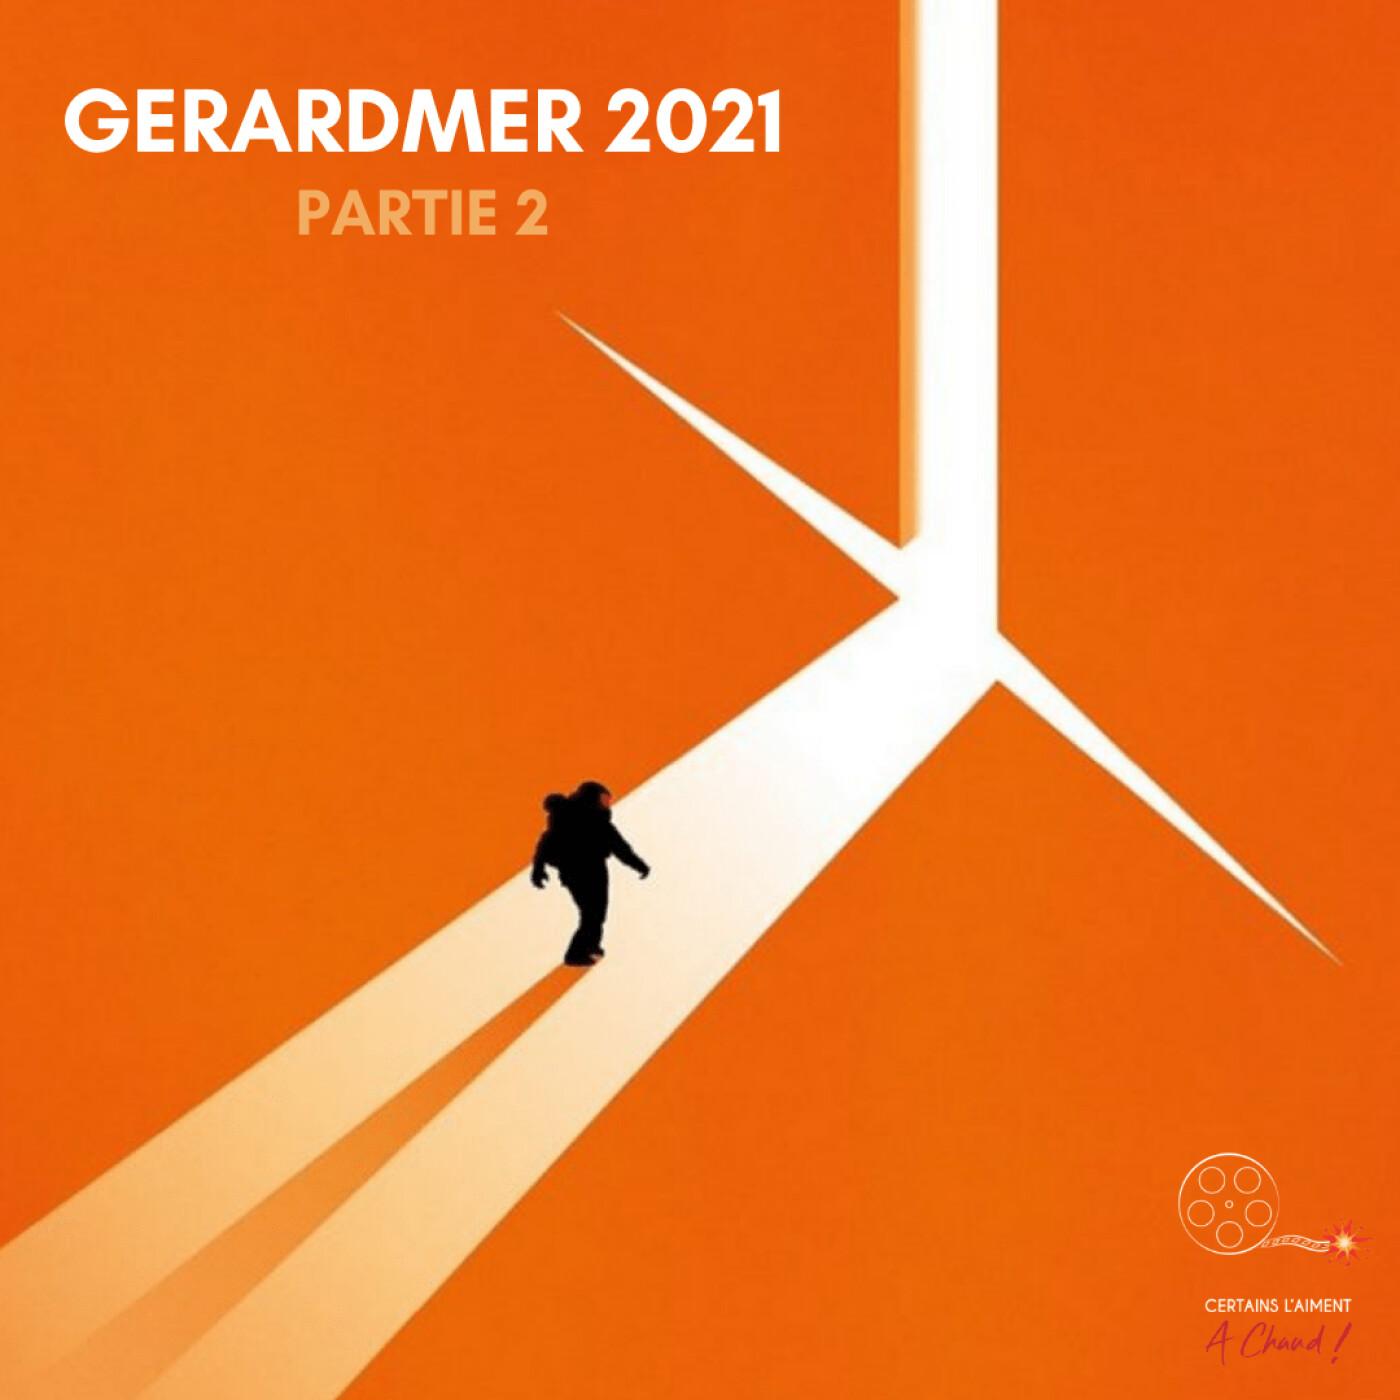 Spécial Festival de Gerardmer 2021 (Partie 2)